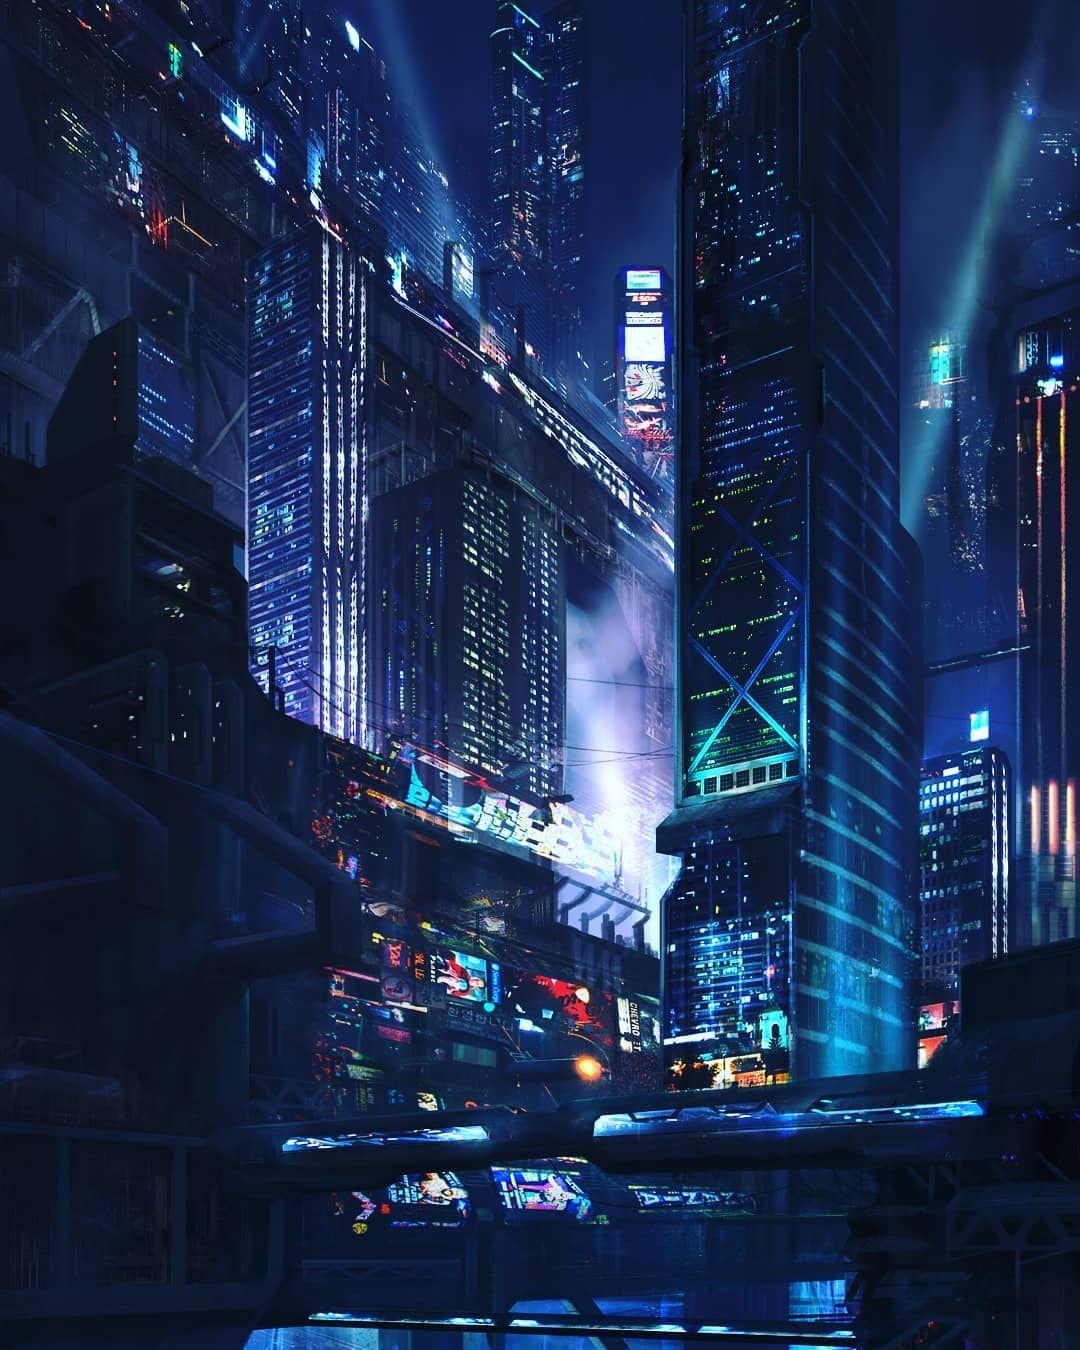 #cyberpunk #art #neon #lights #noir #replicants #androids